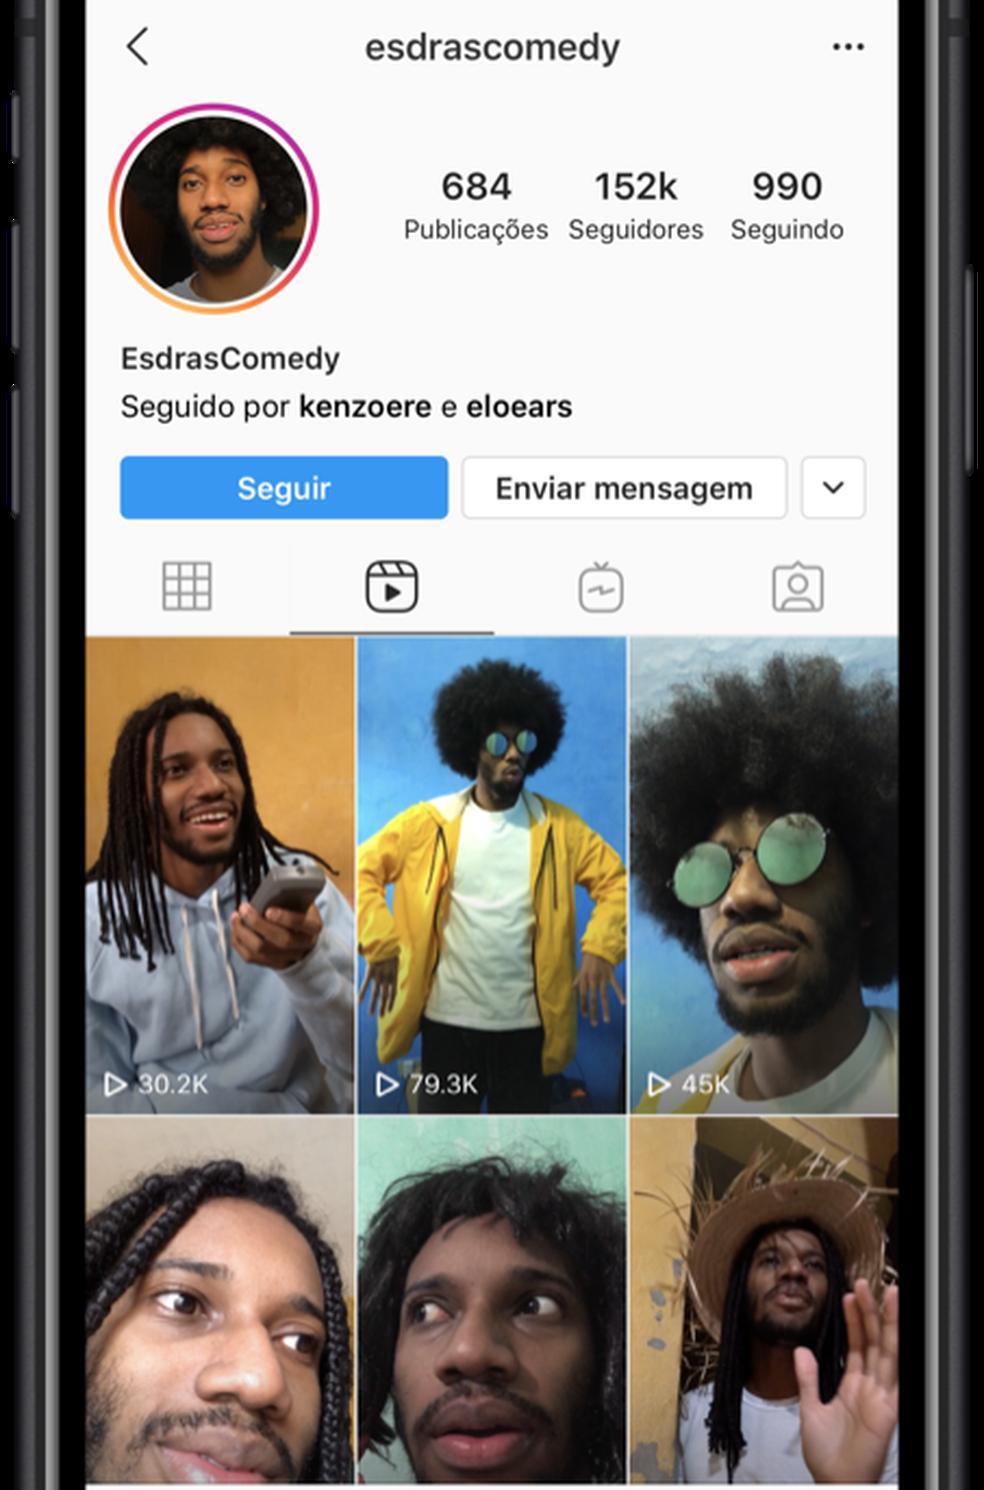 Expansão do Reels adiciona nova aba de conteúdo no perfil dos usuários. — Foto: Divulgação/Instagram